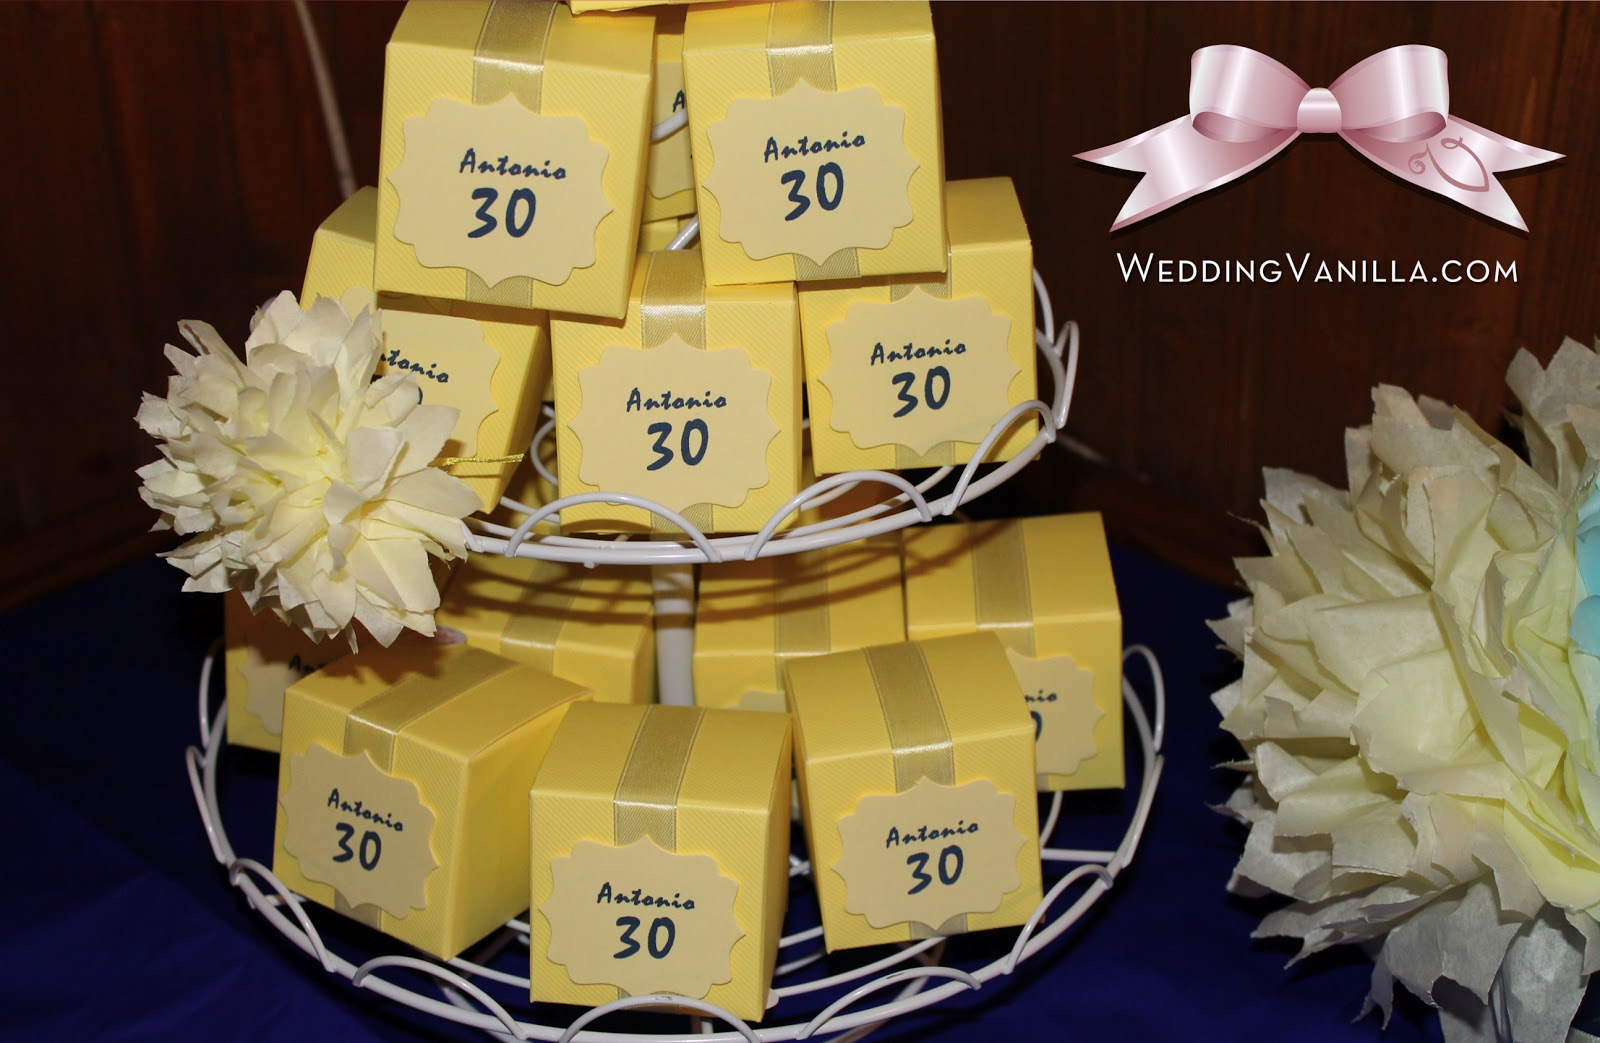 Preferenza Vanilla Wedding Design: 30 anni: Festa di compleanno di Antonio  UR98